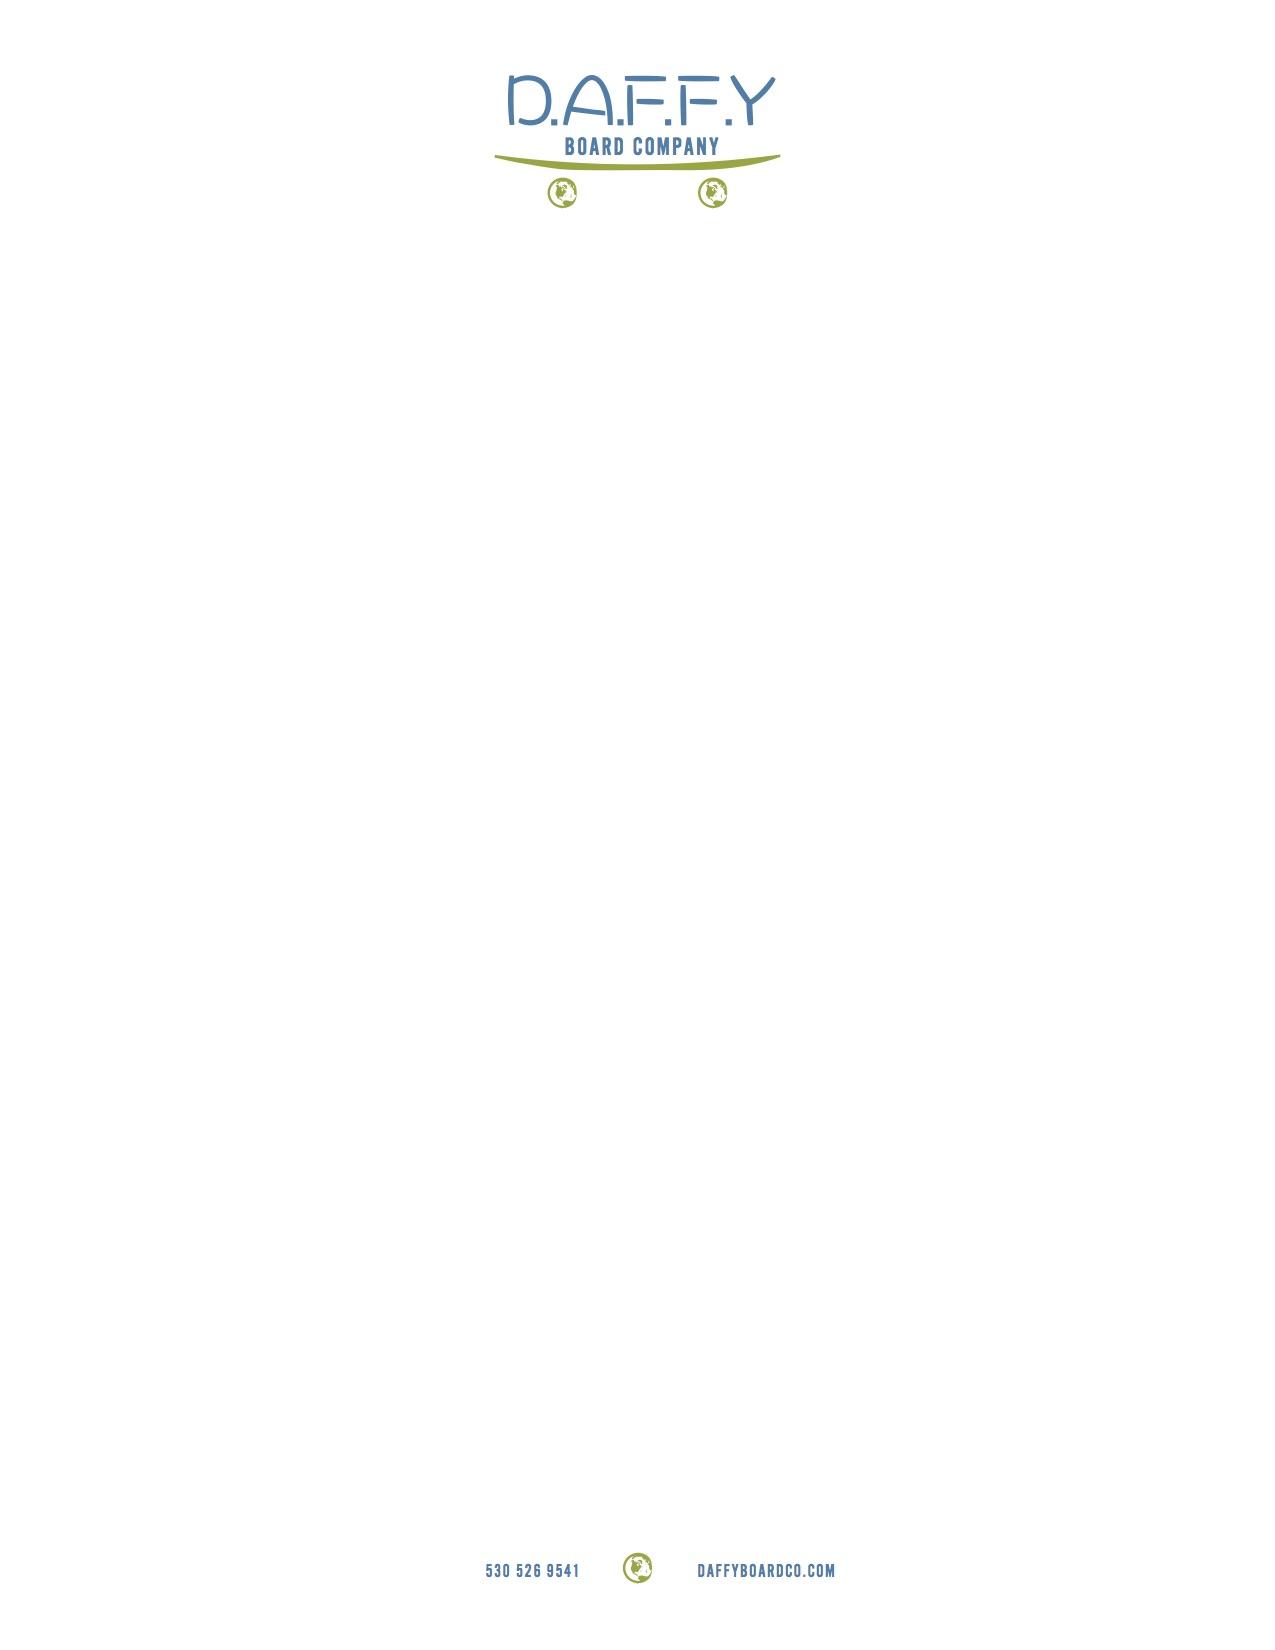 daffy-letterhead-v1